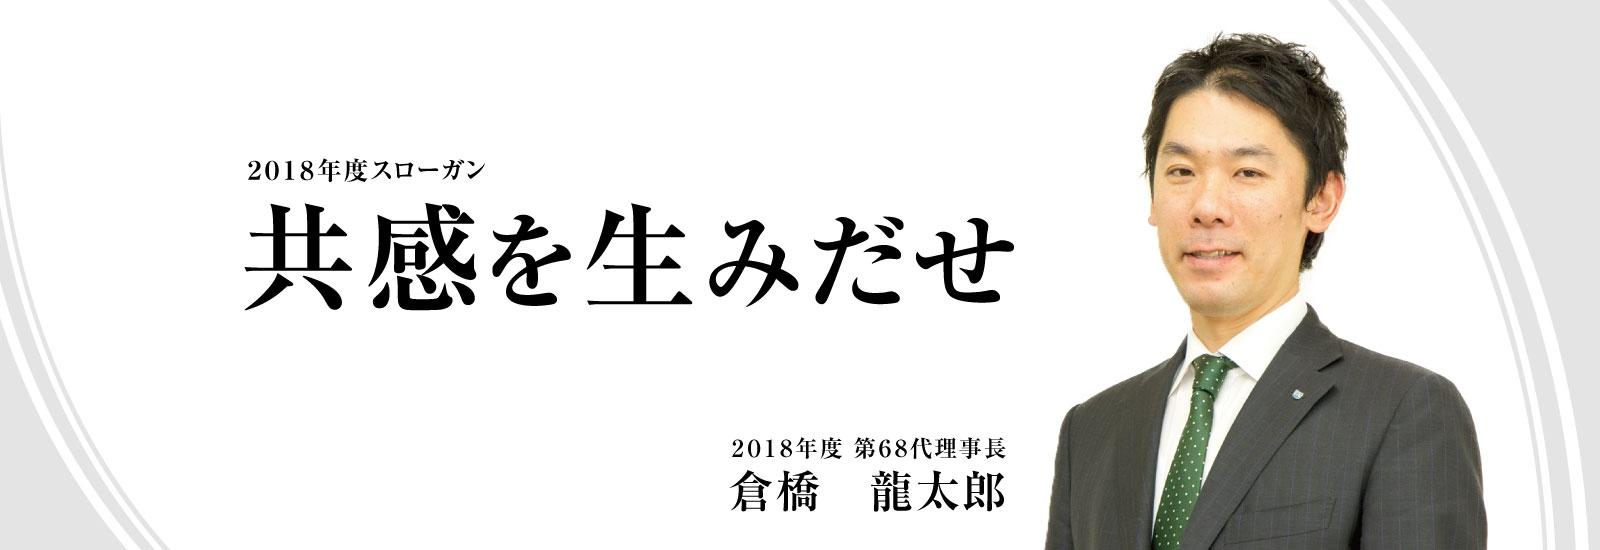 第68代理事長 倉橋龍太郎